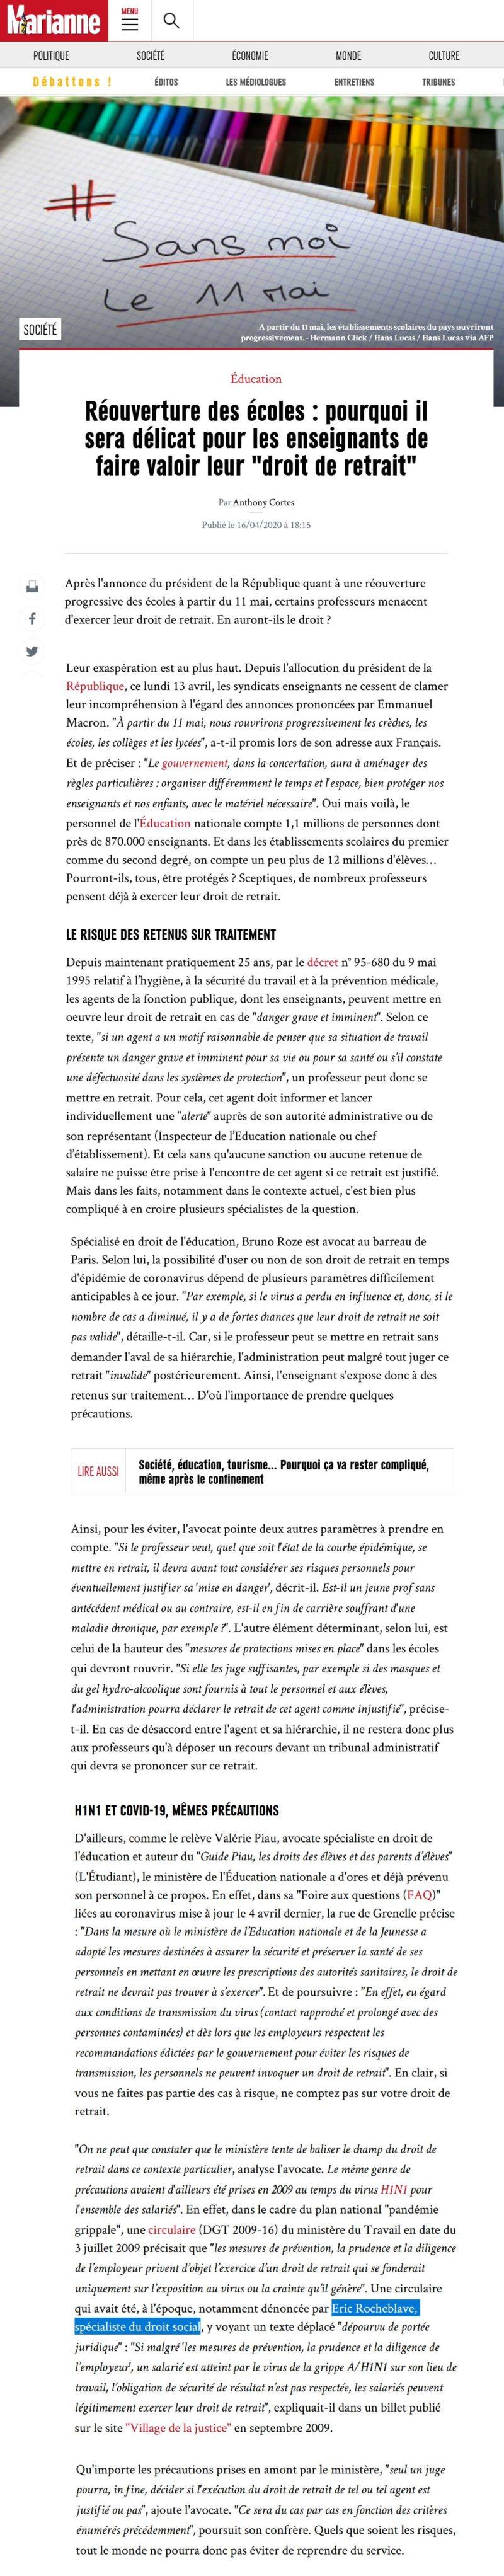 """« Réouverture des écoles : pourquoi il sera délicat pour les enseignants de faire valoir leur """"droit de retrait"""" » Interview Marianne de Maître Eric ROCHEBLAVE"""